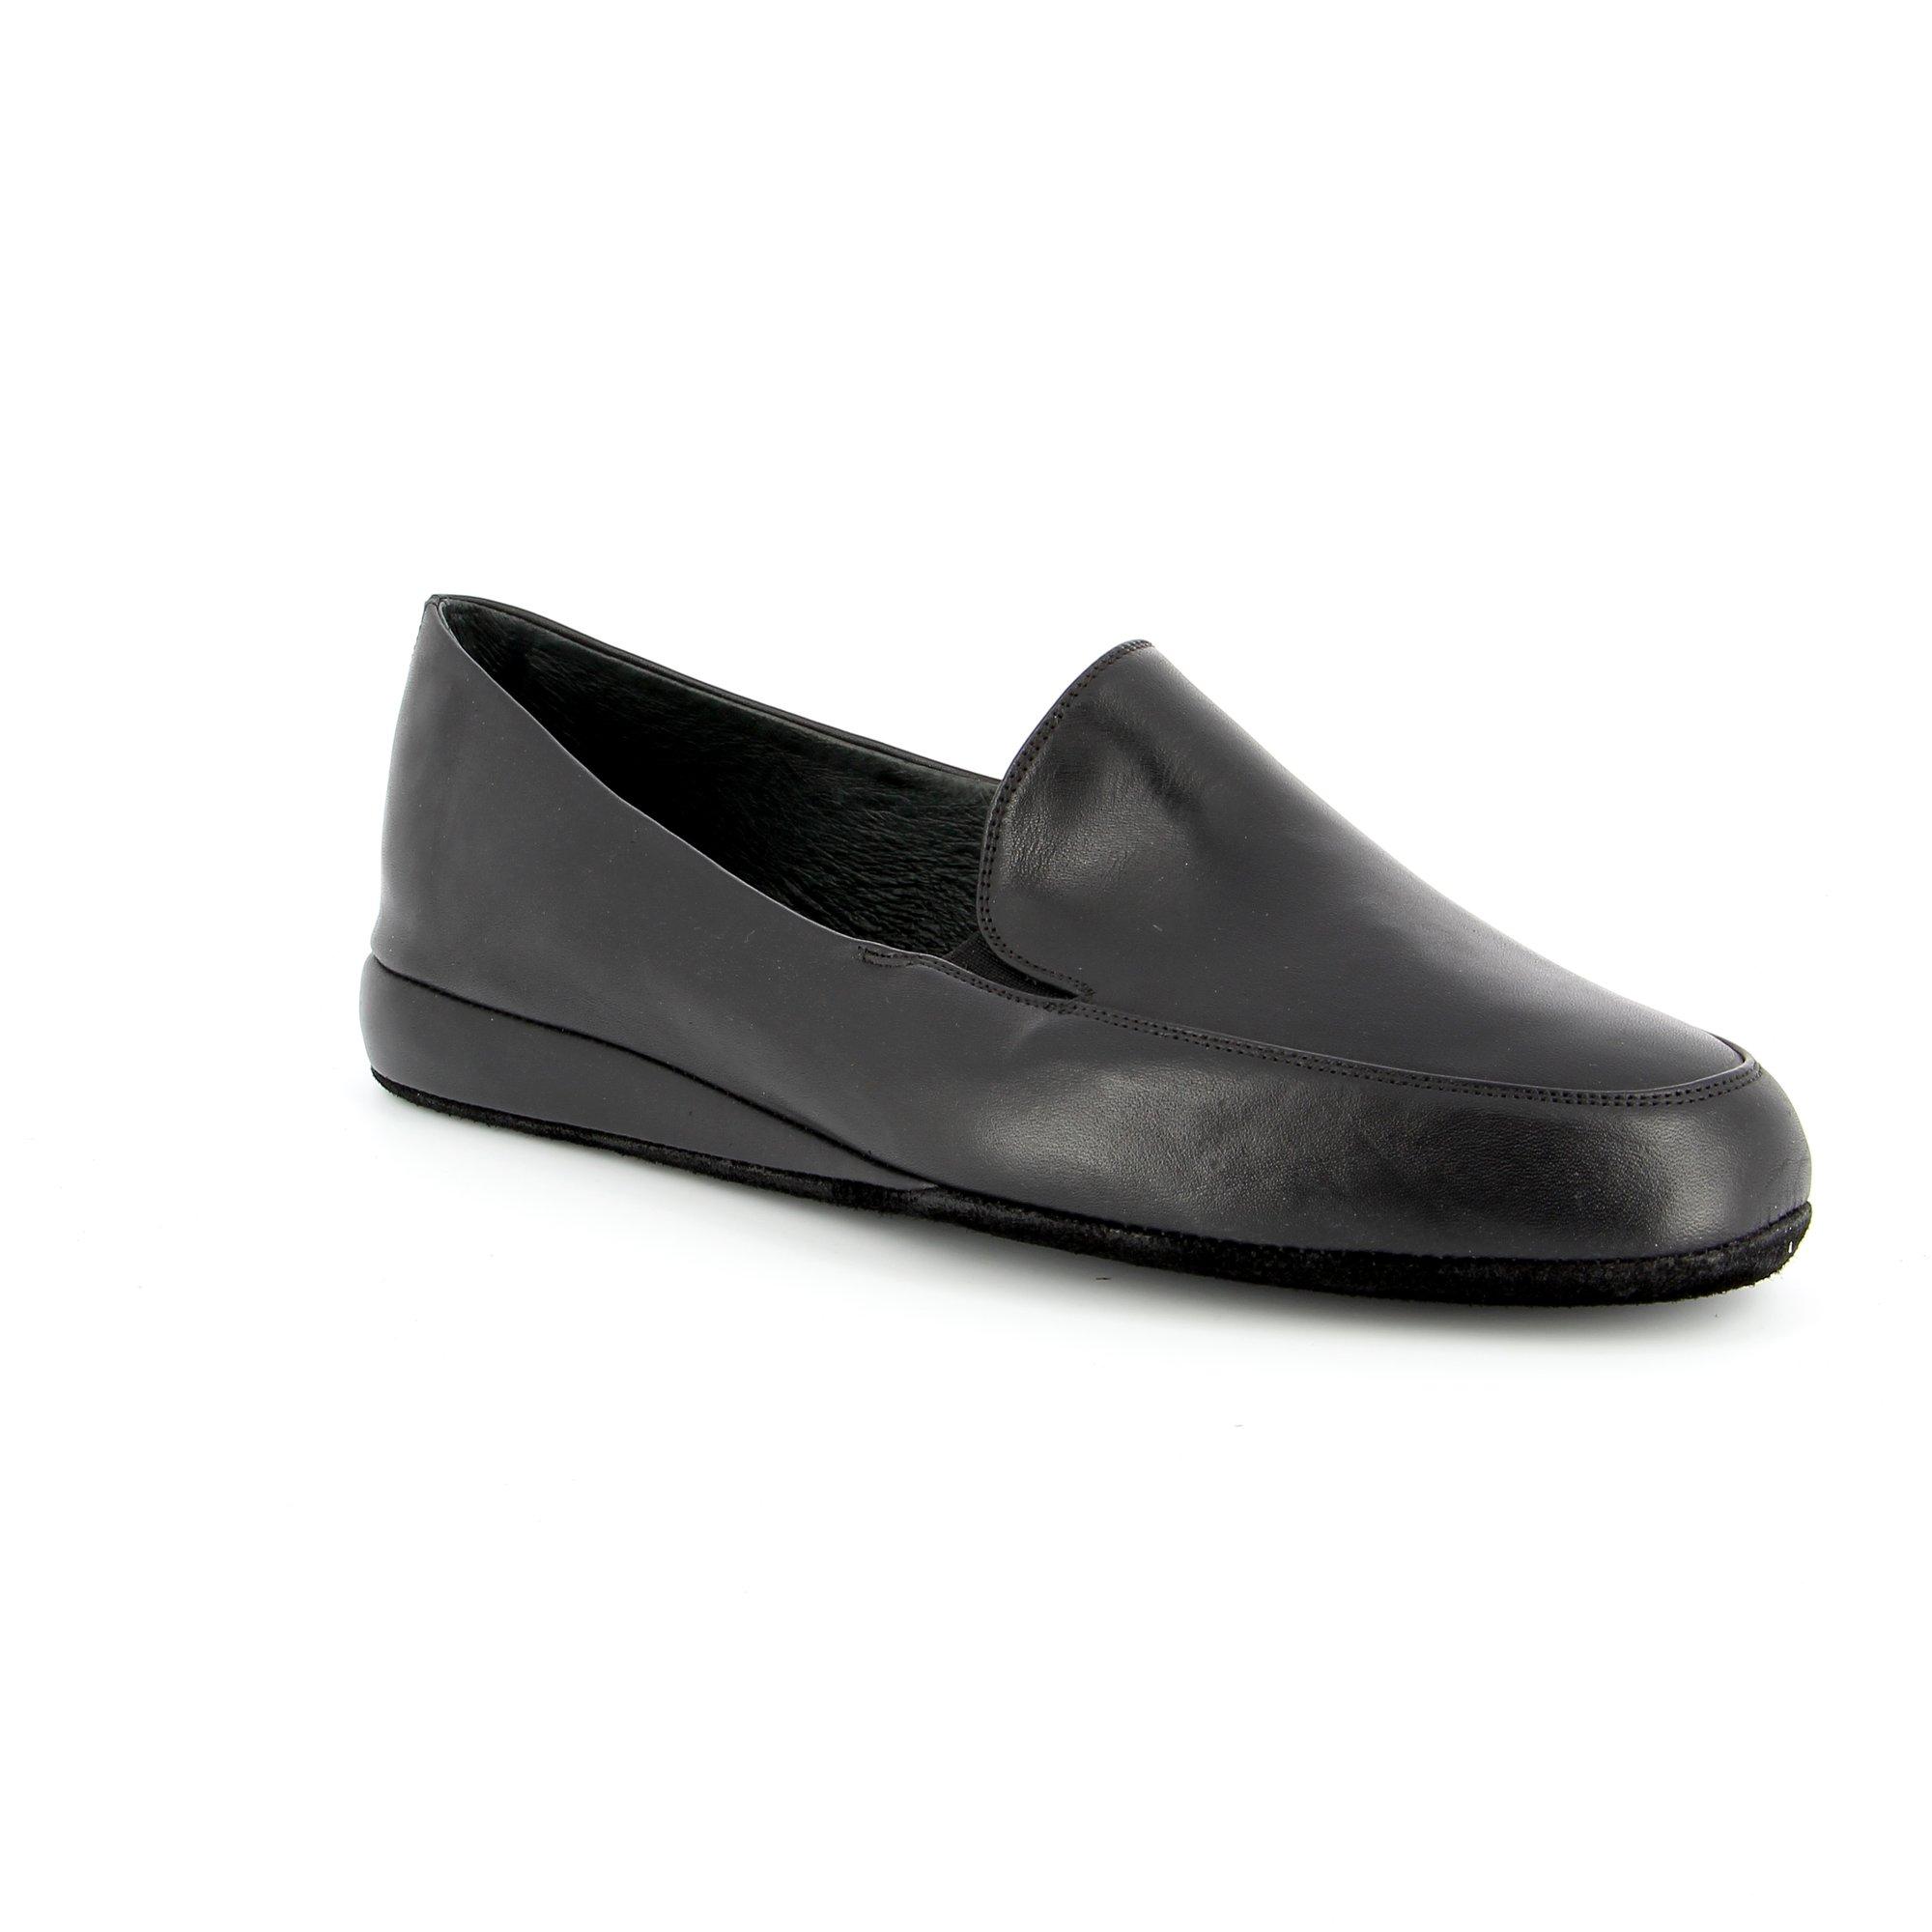 Sofacq Pantoffels zwart